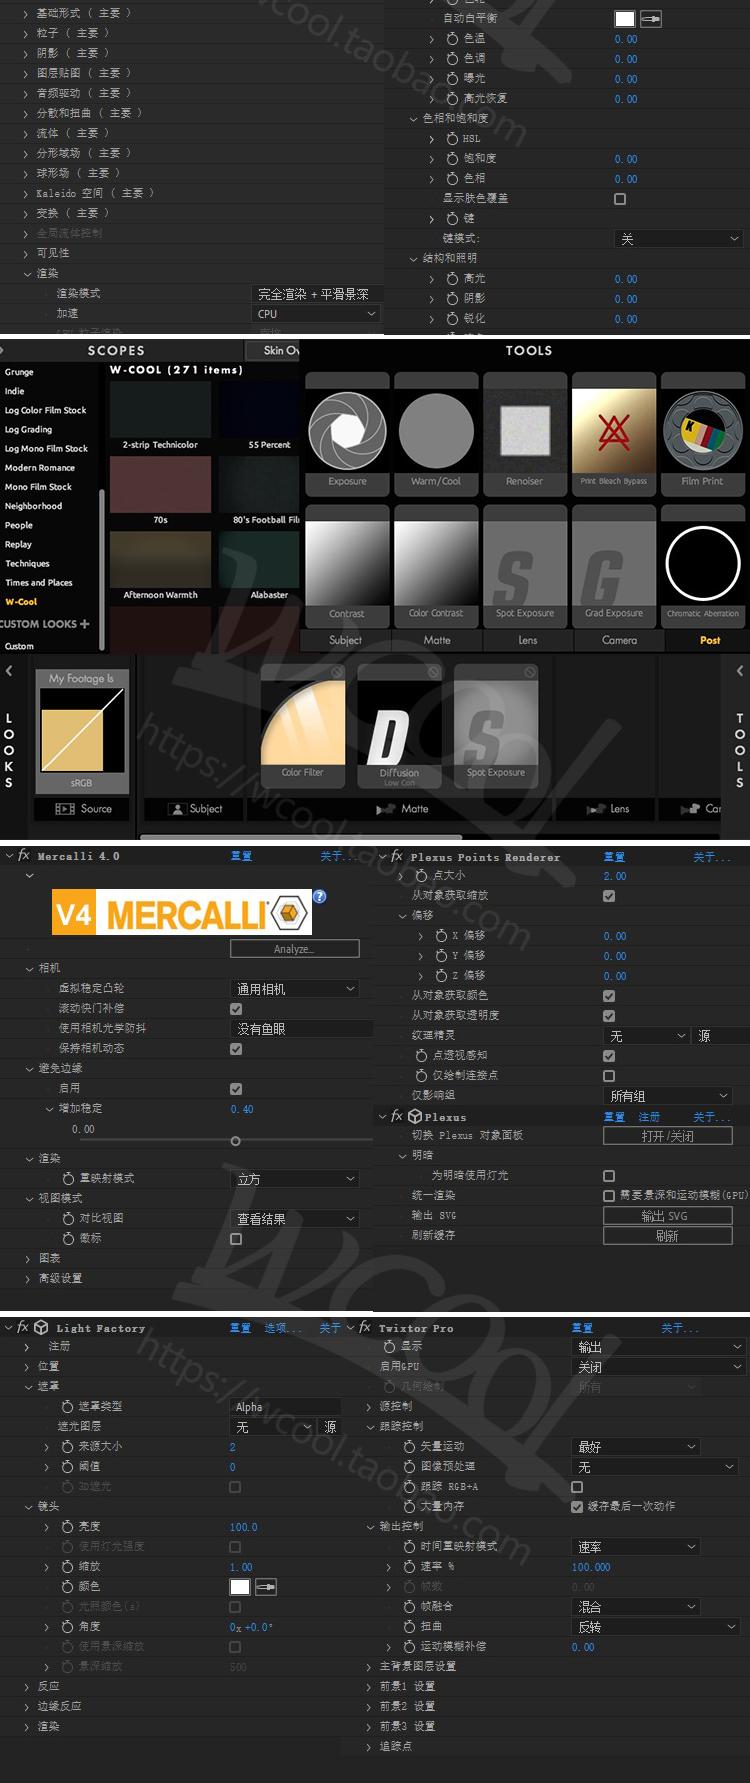 Ae 2021最新中文版 插件脚本预设合集 一键安装 光效粒子特效调色大全 Ae 插件-第5张